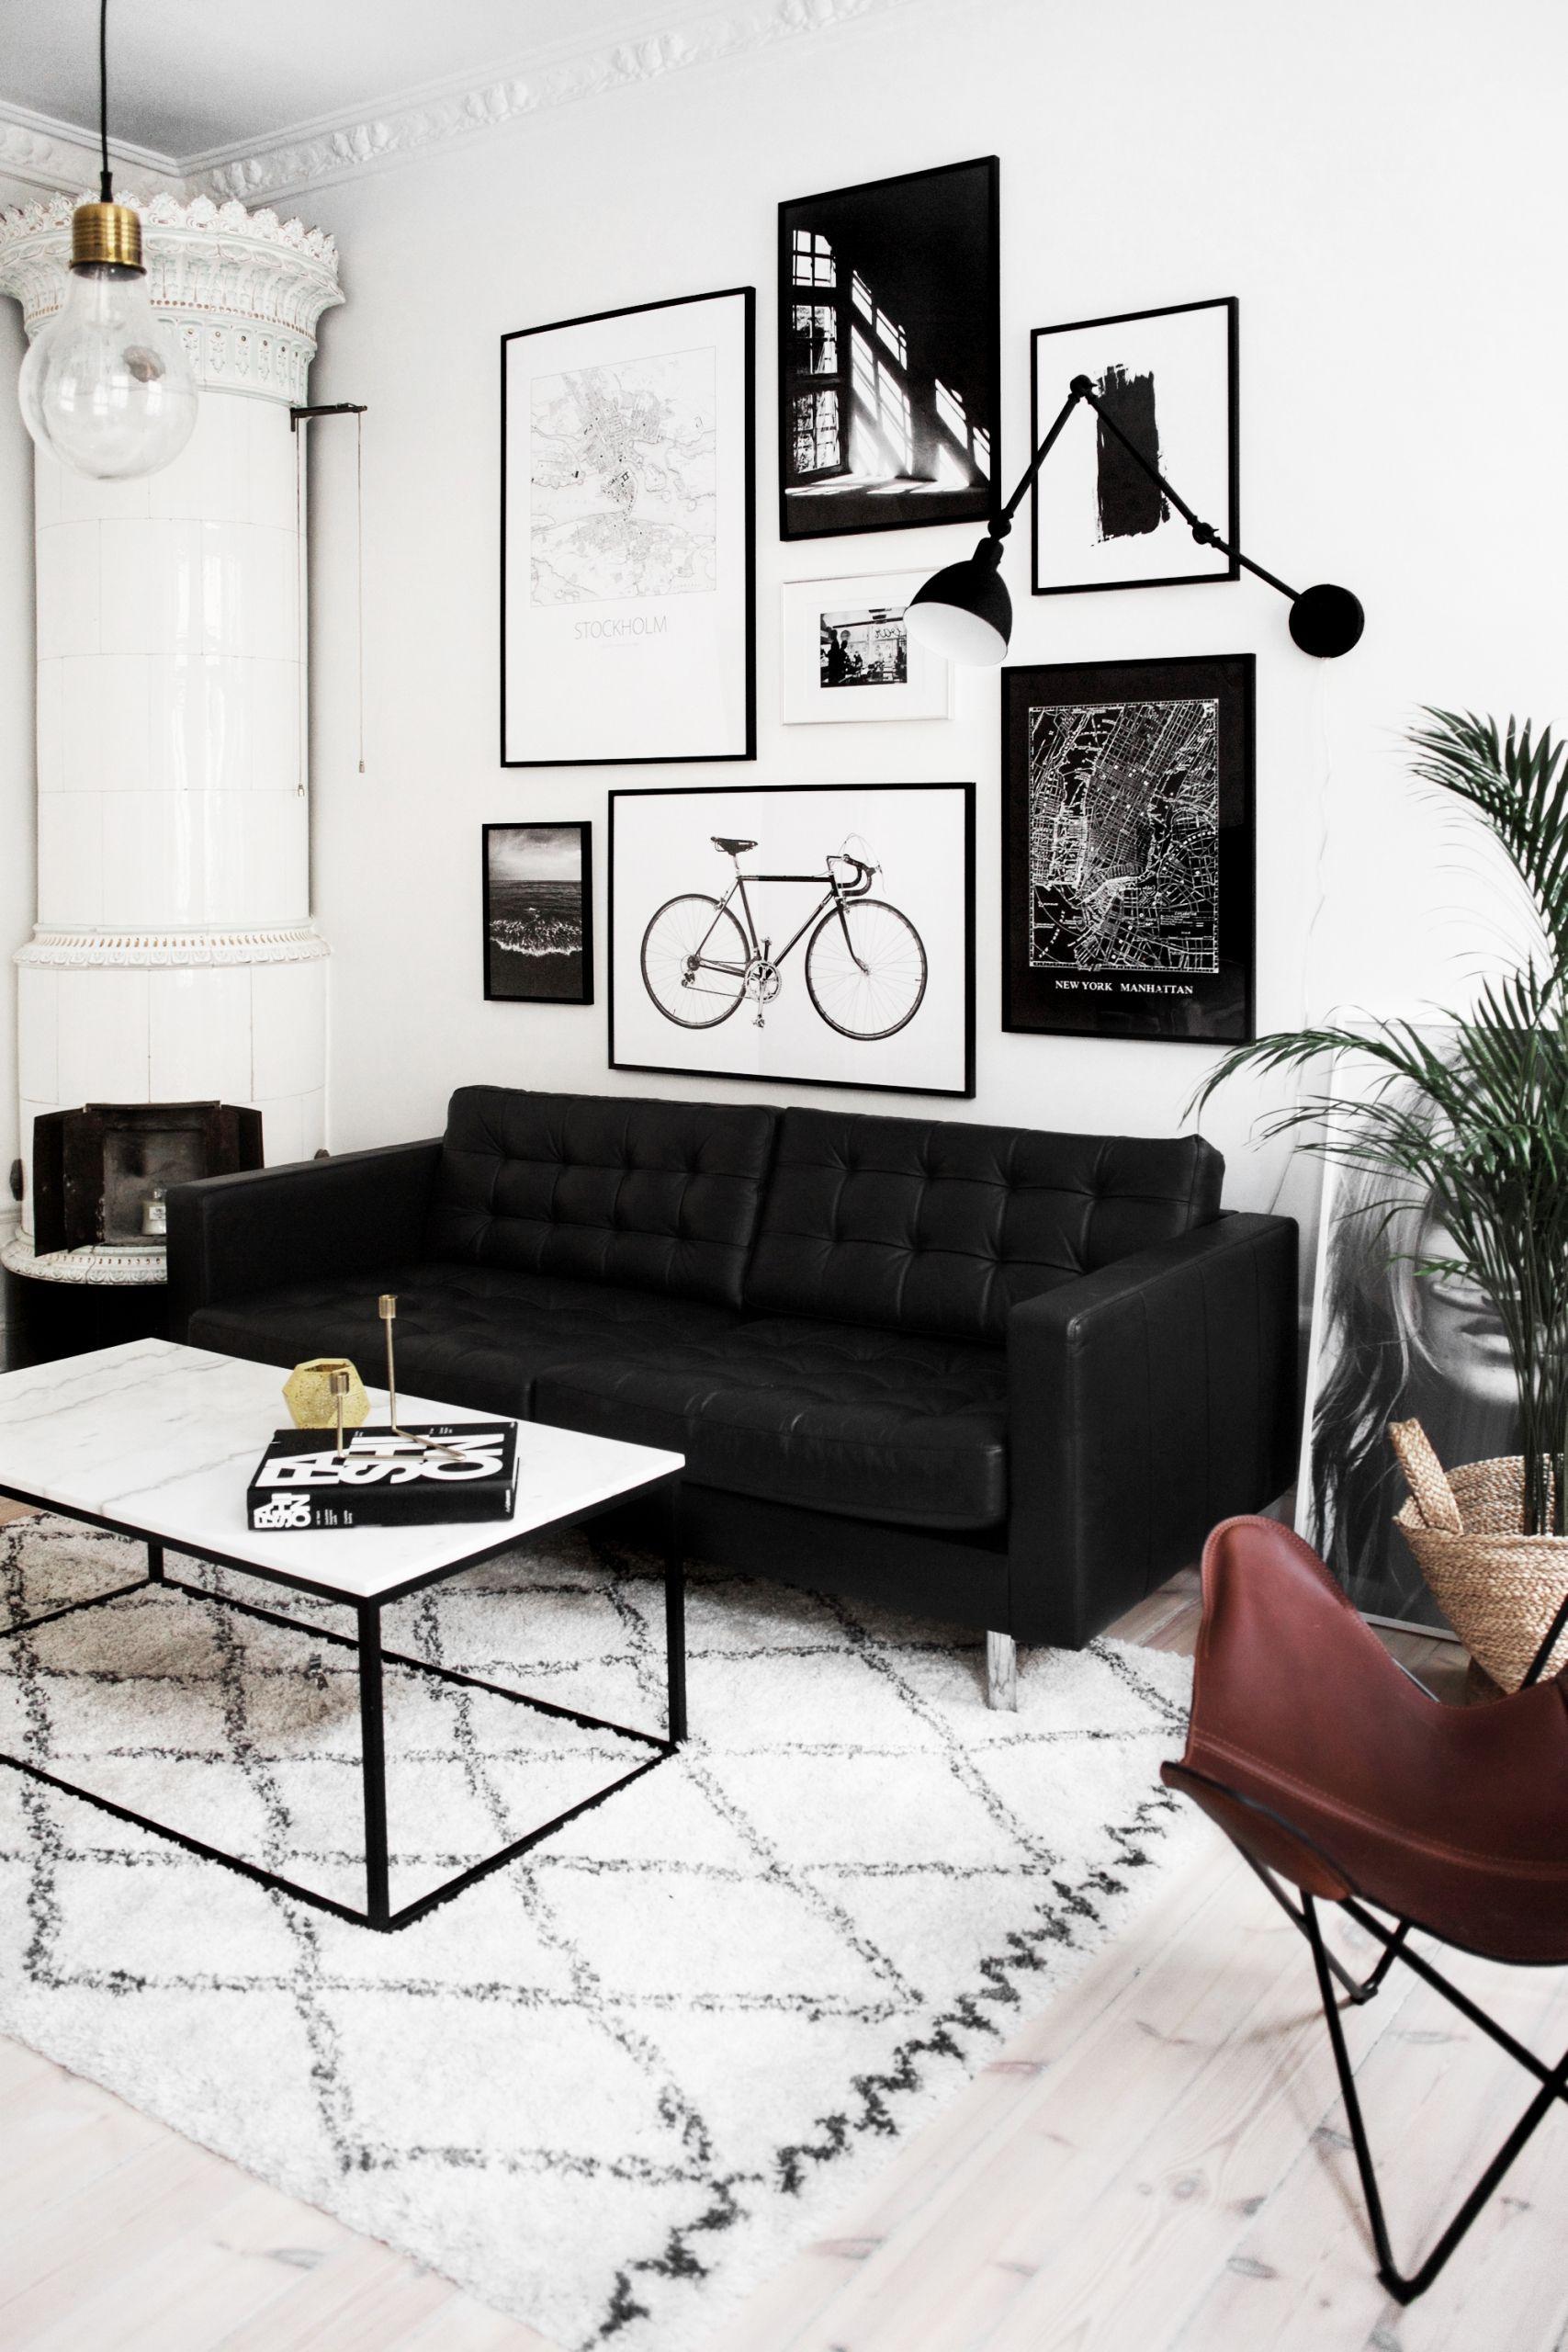 Vintage zimmer dekor ideen livingroom u  lamps living room  pinteu